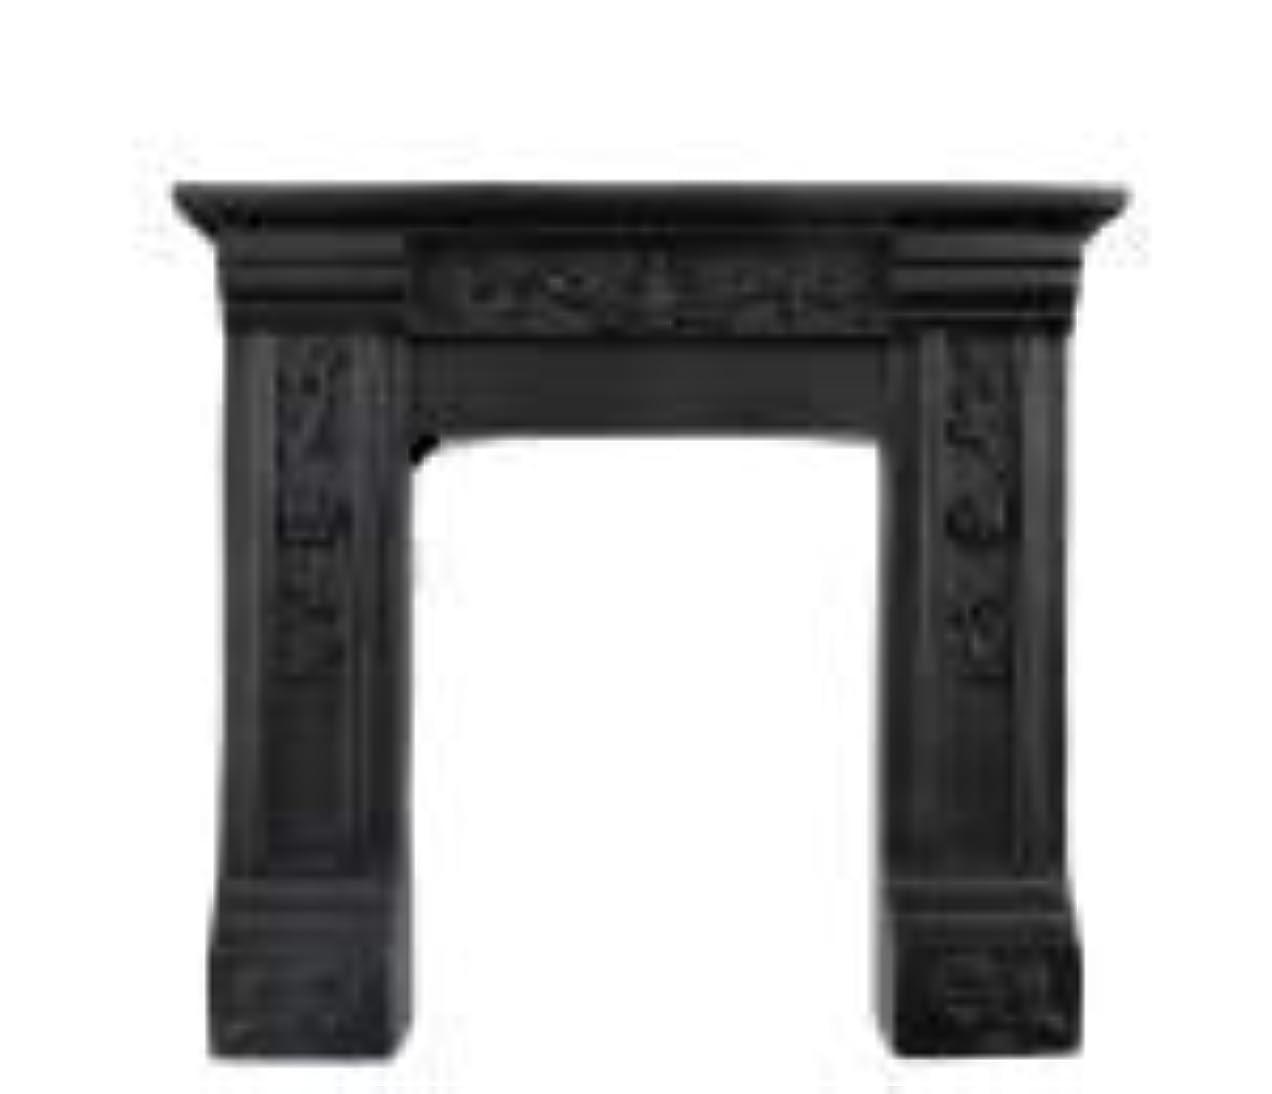 ネブお父さんノーブルドールハウスの小さな黒いビクトリア朝の暖炉サラウンドレジン1:12家具